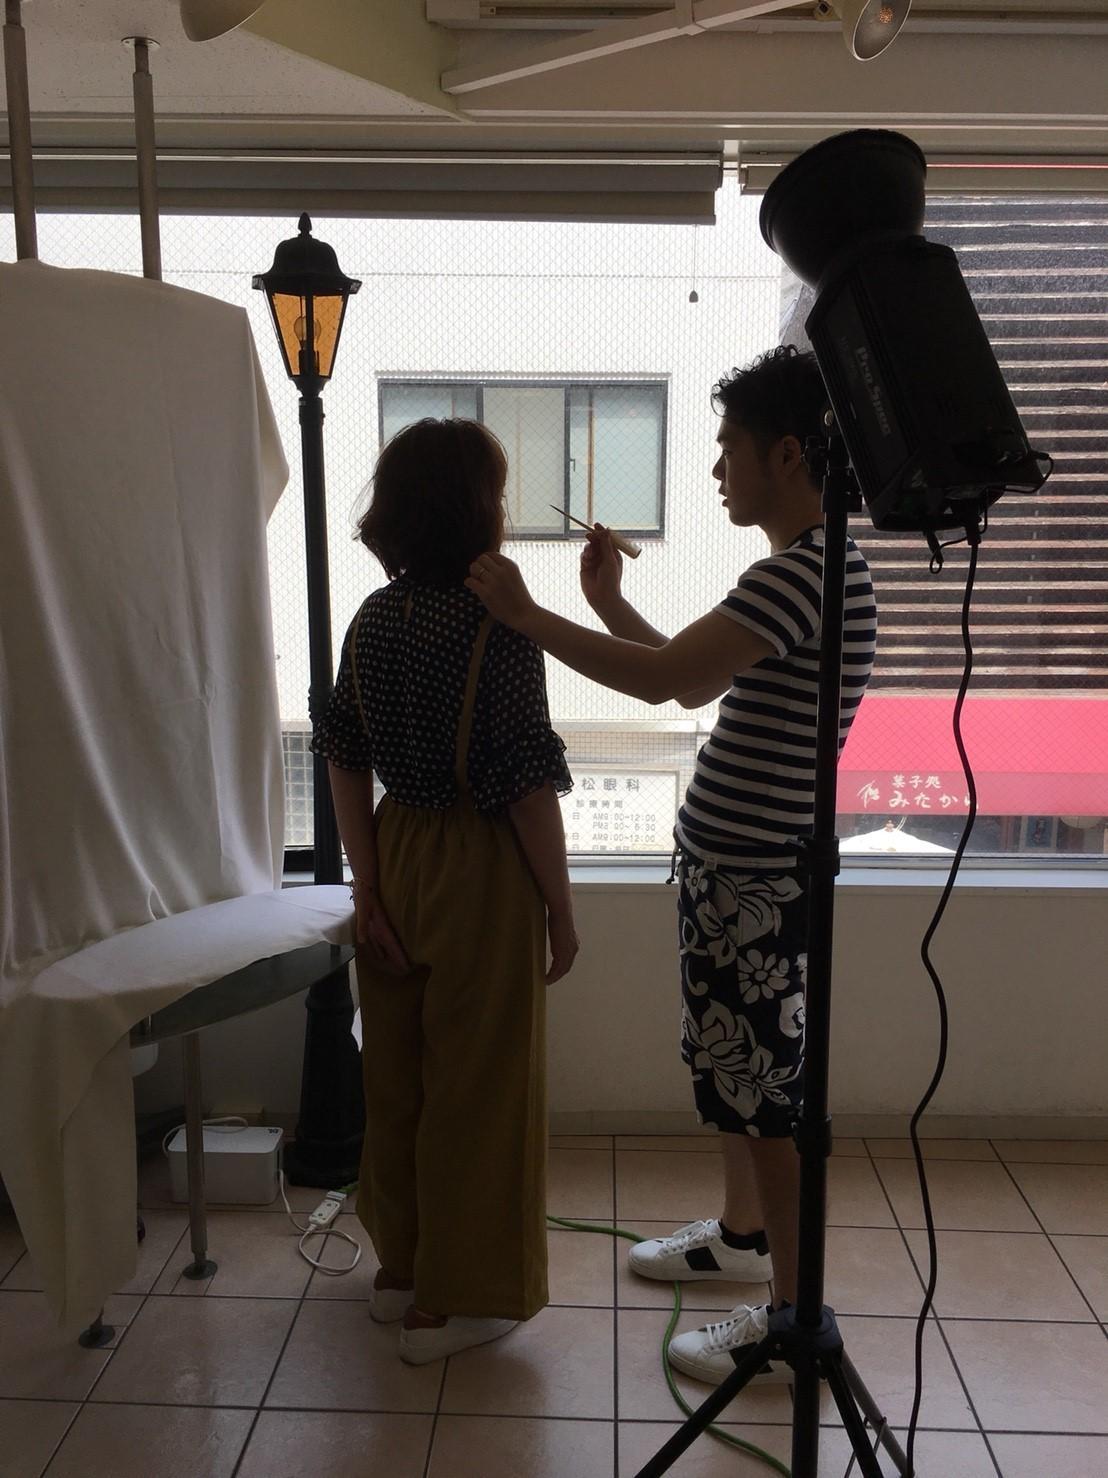 定期的に行われる撮影会、作品撮りも勉強になります